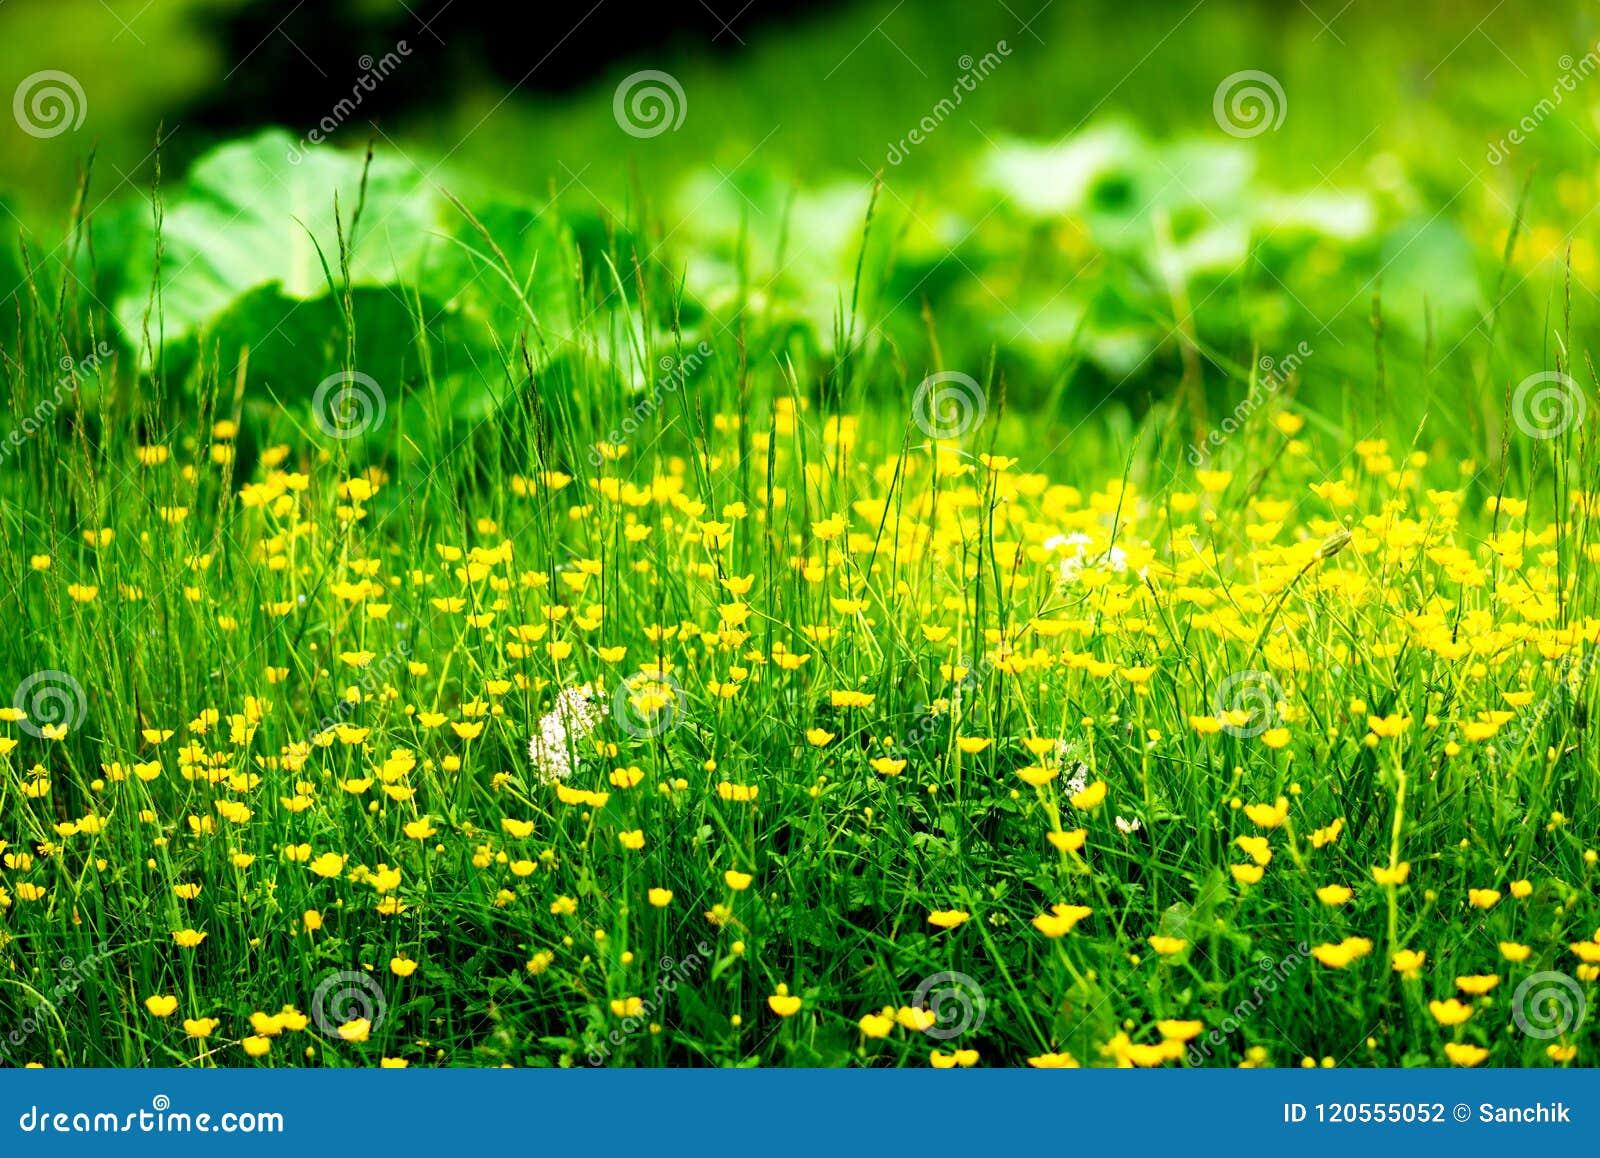 Κίτρινα wildflowers μεταξύ της πράσινης πολύβλαστης χλόης